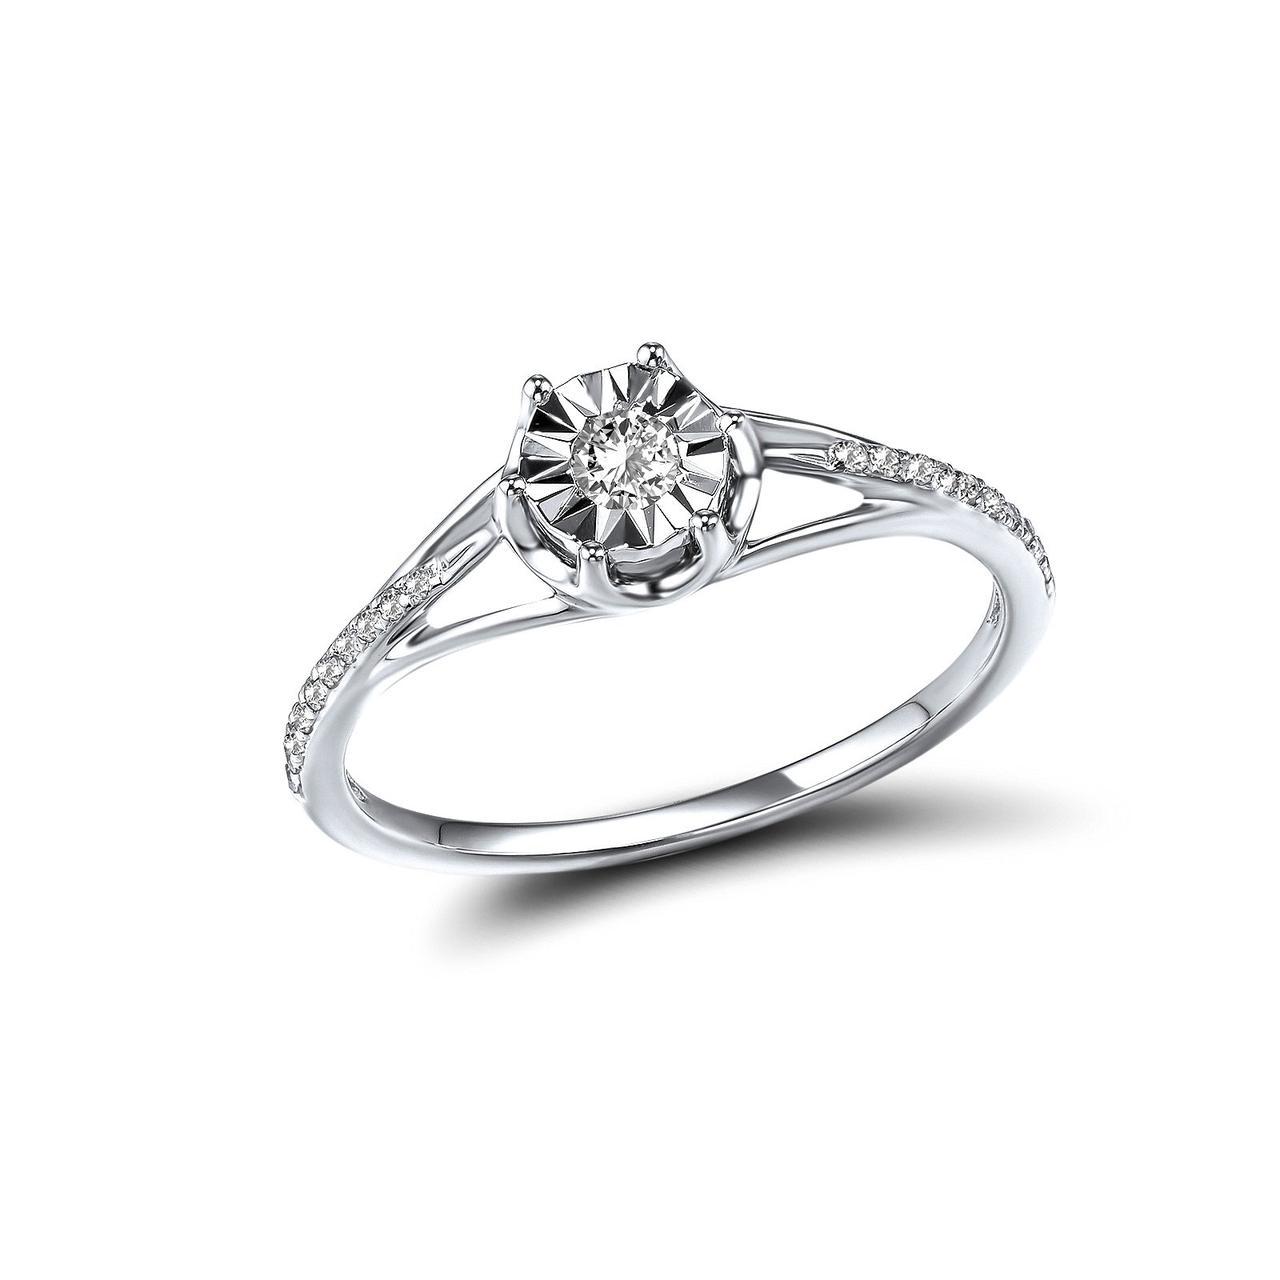 Золотое кольцо с бриллиантами и топазом, размер 15.5 (1549608)